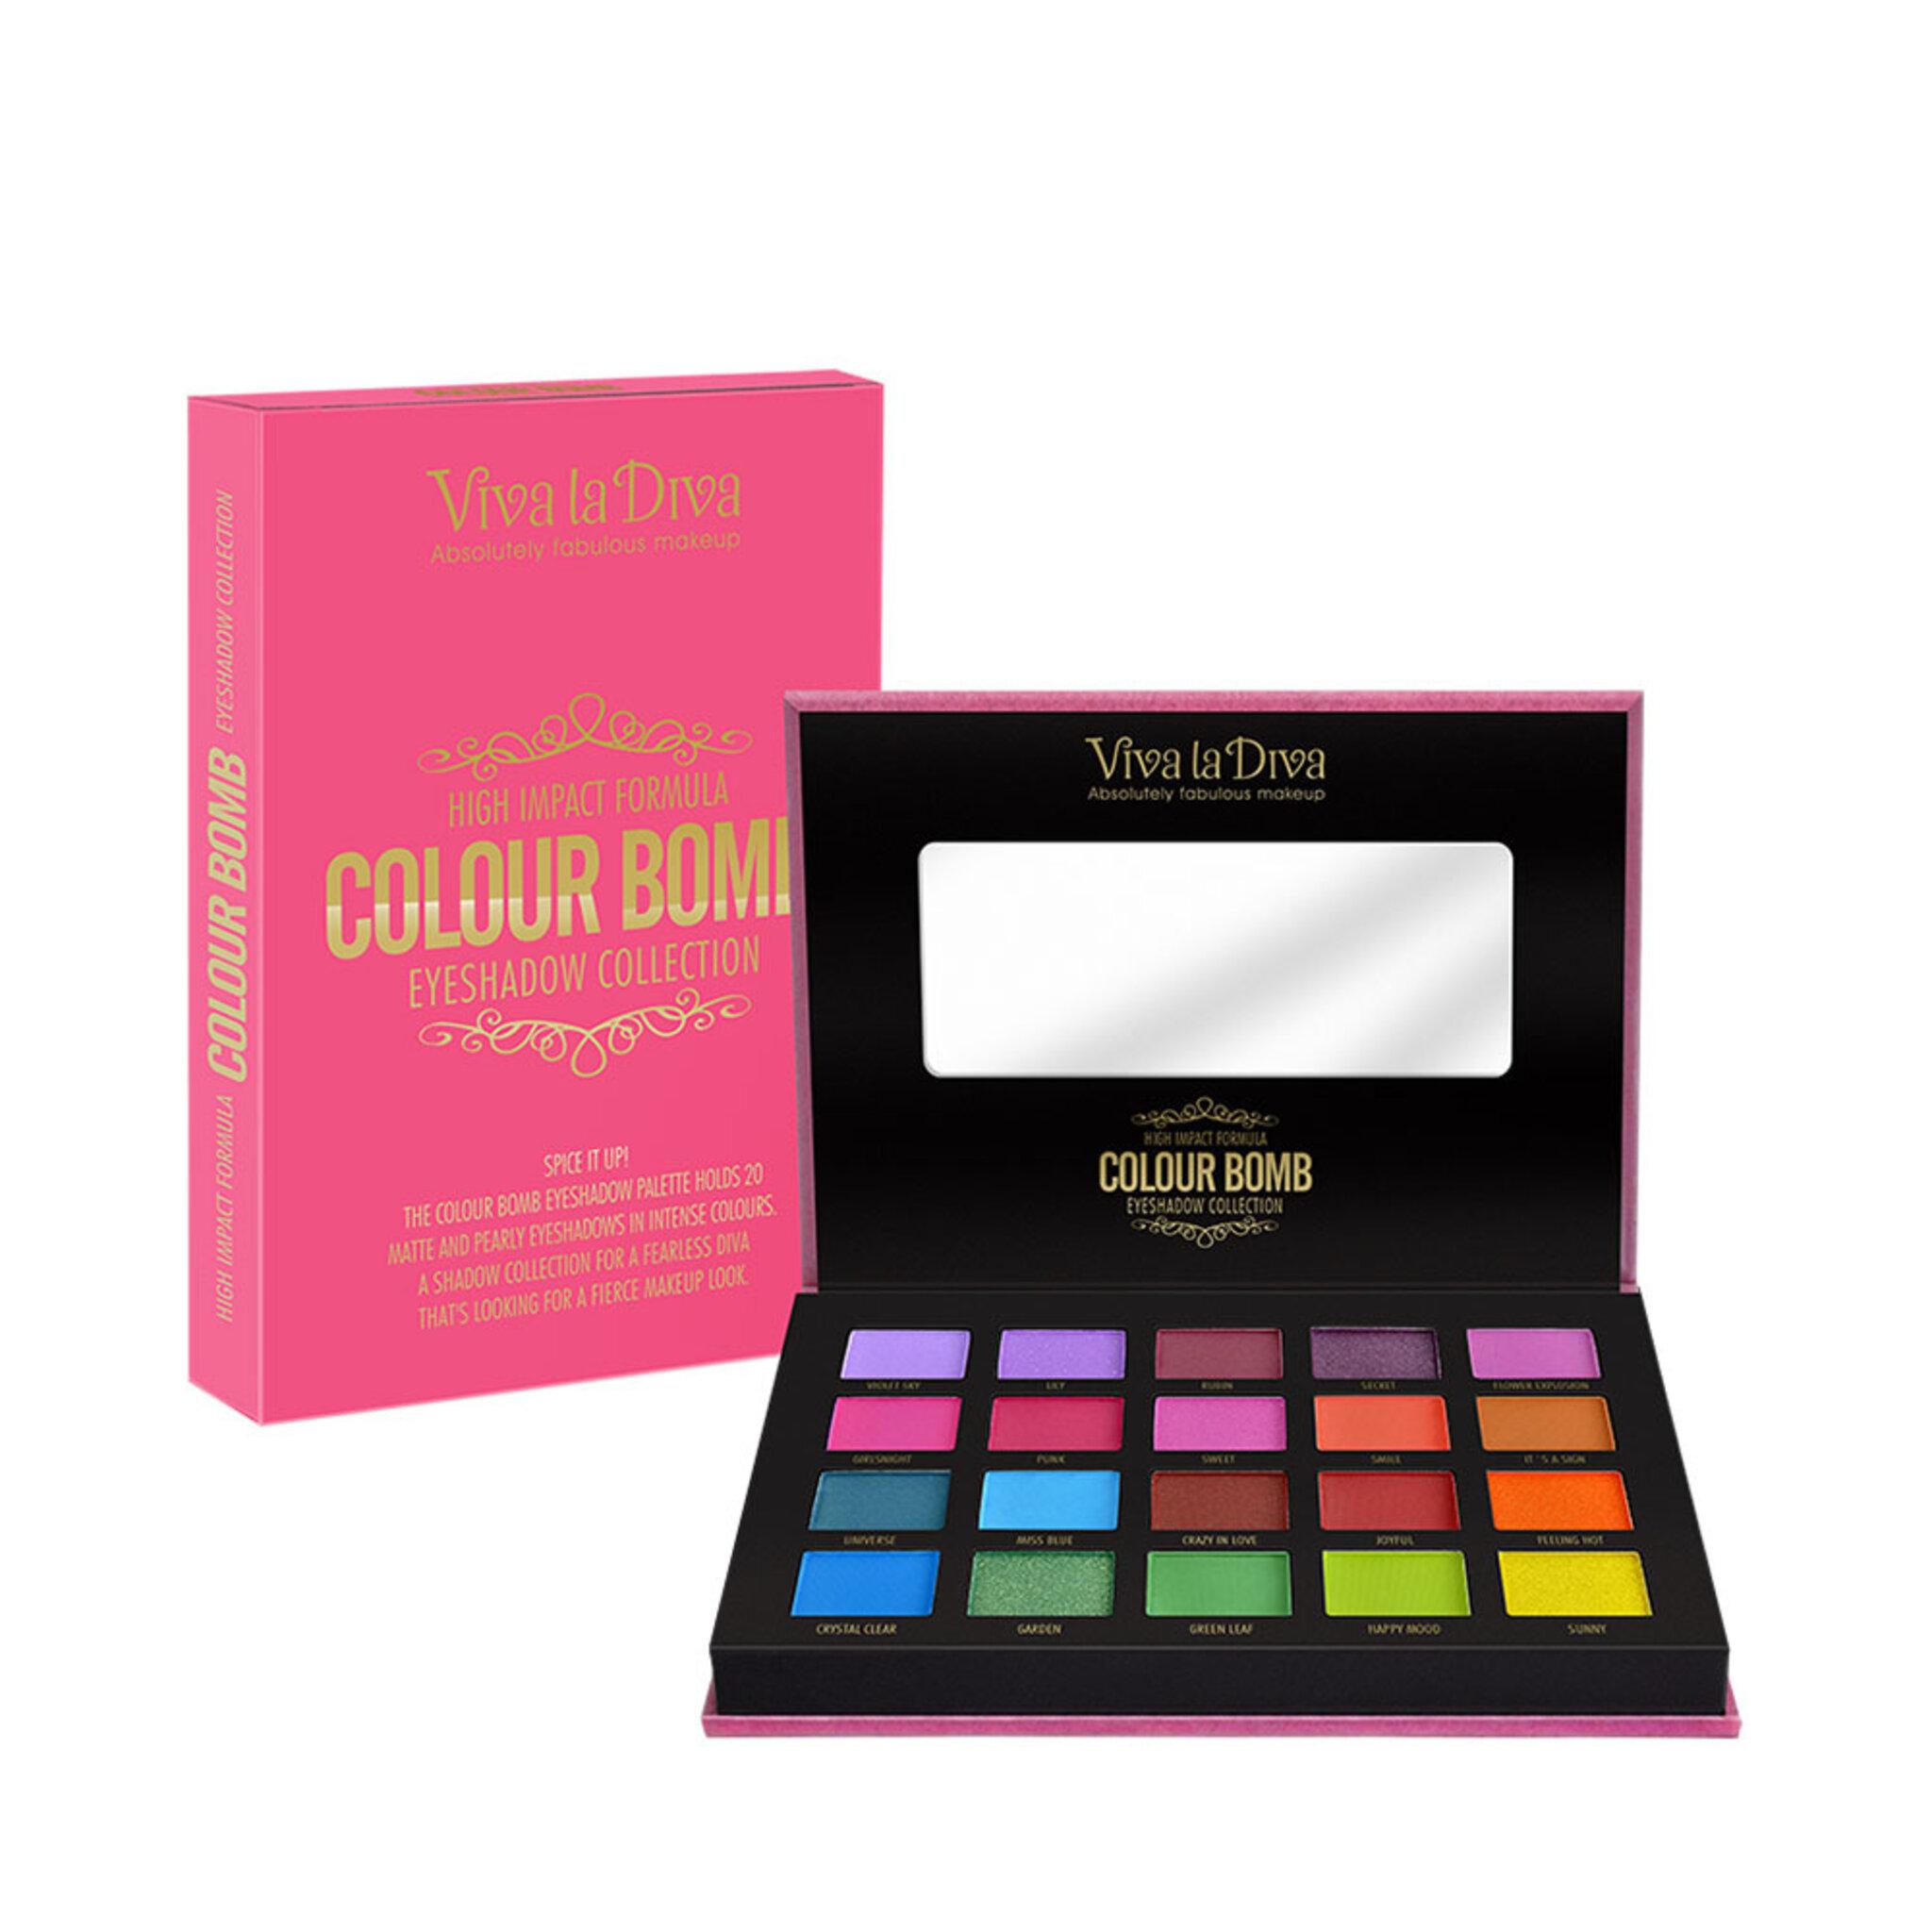 3d462b9b4518 Colour Bomb Eyeshadow Collection - Ögonskuggor - Köp online på åhlens.se!